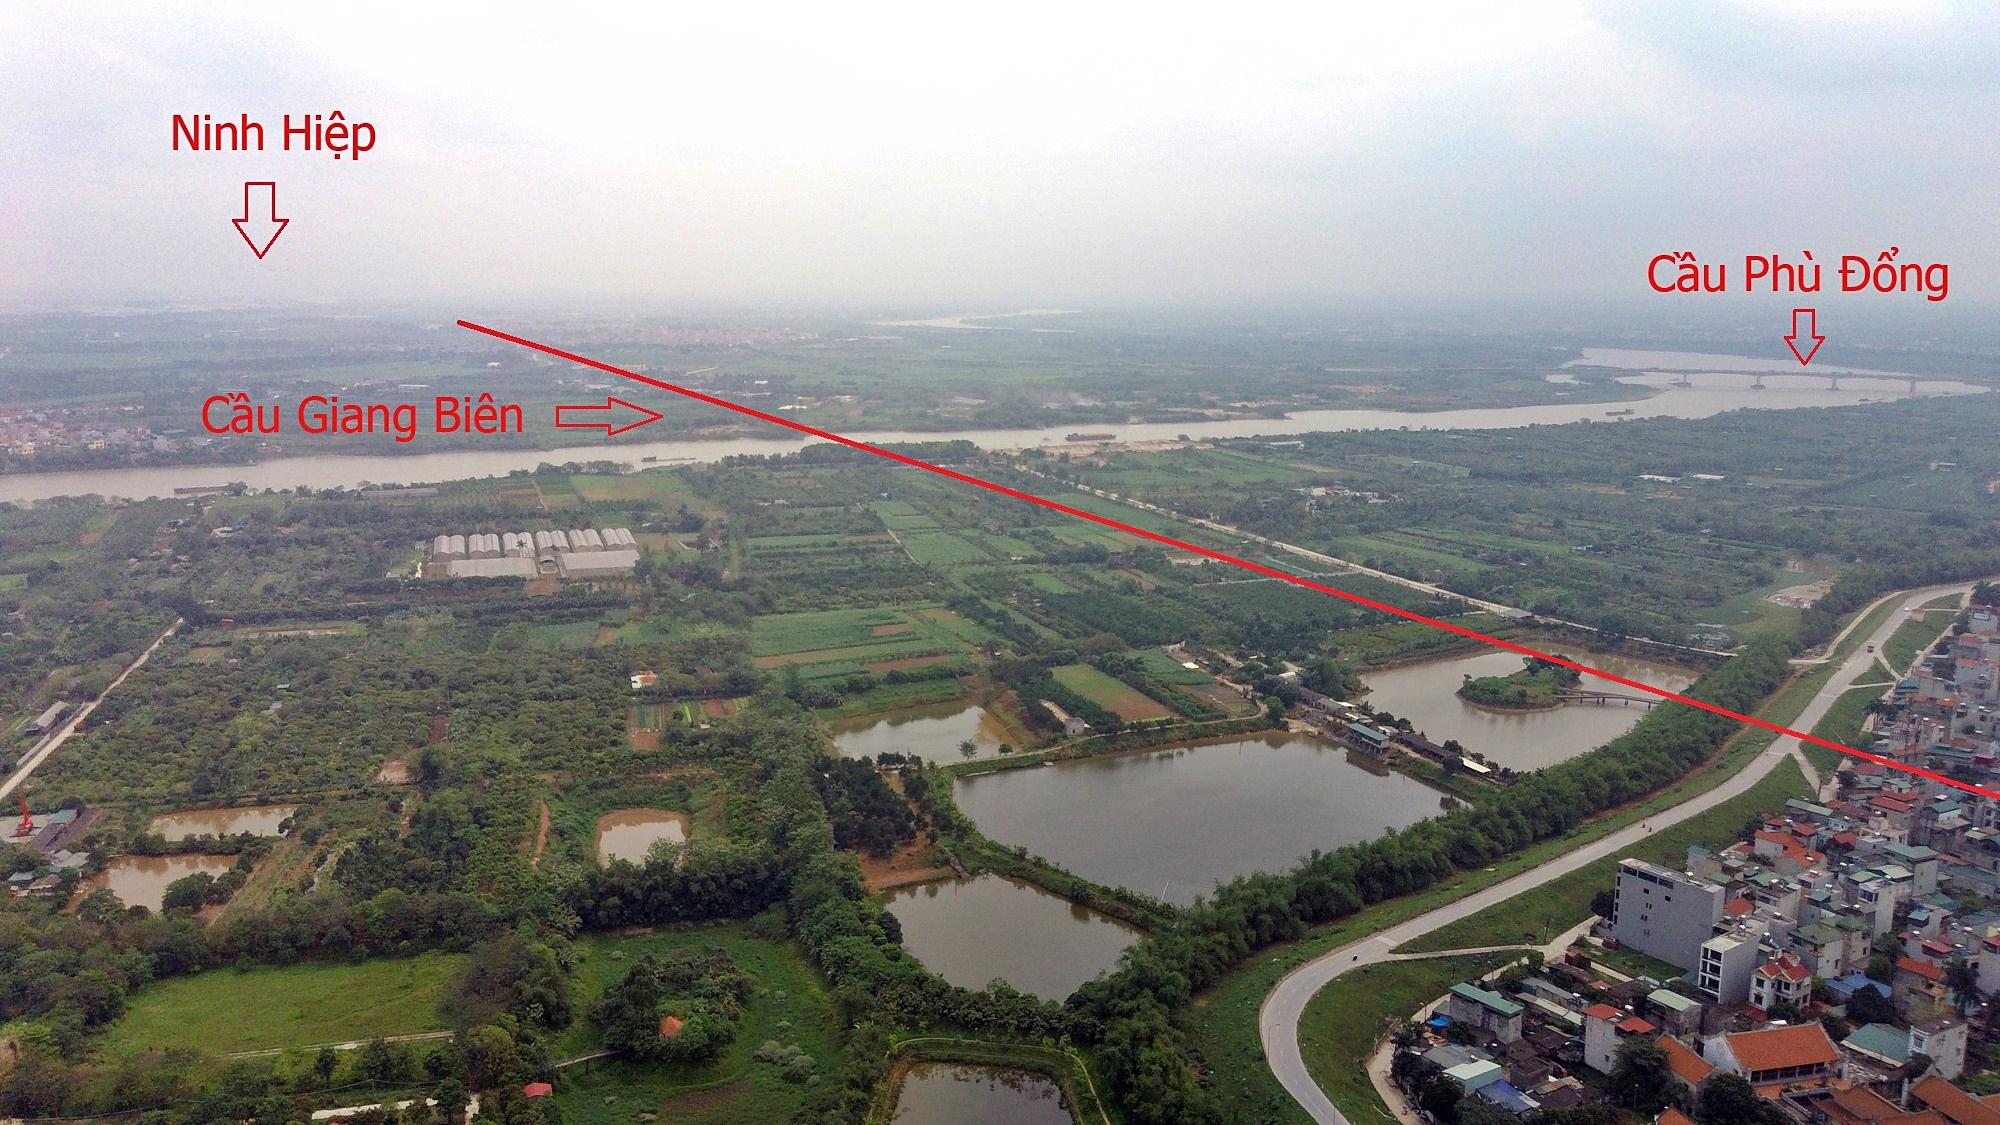 Cầu sẽ mở theo qui hoạch ở Hà Nội: Toành cảnh vị trí làm cầu Giang Biên - Ảnh 6.